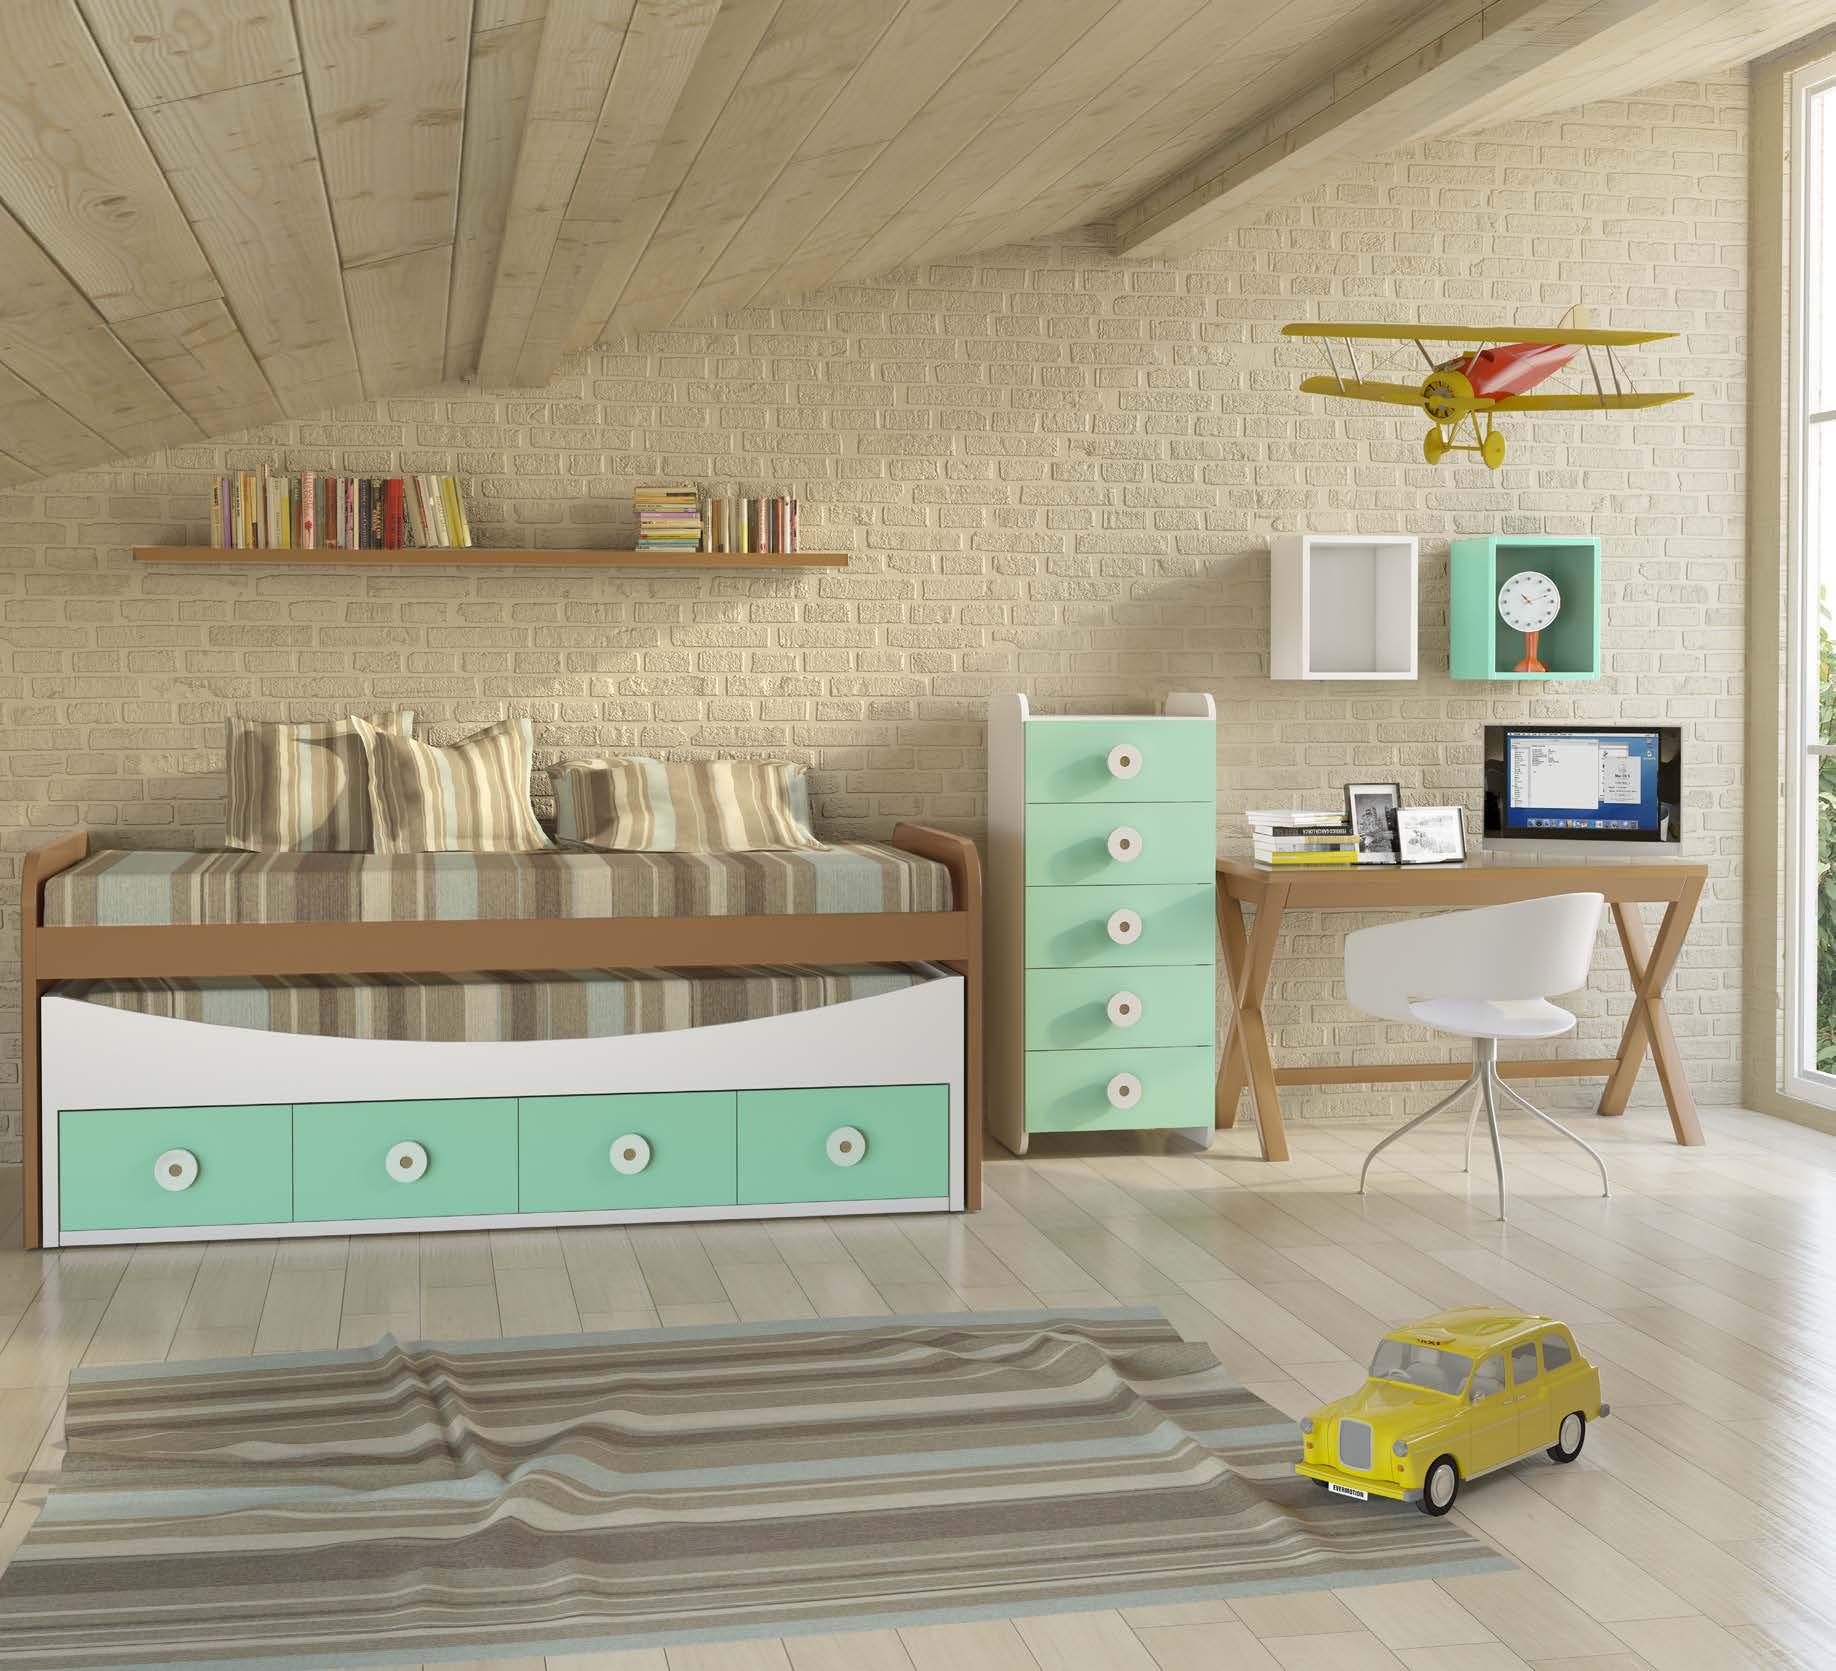 compactos-Happy-muebles-paco-caballero-509-5c95270b3de93